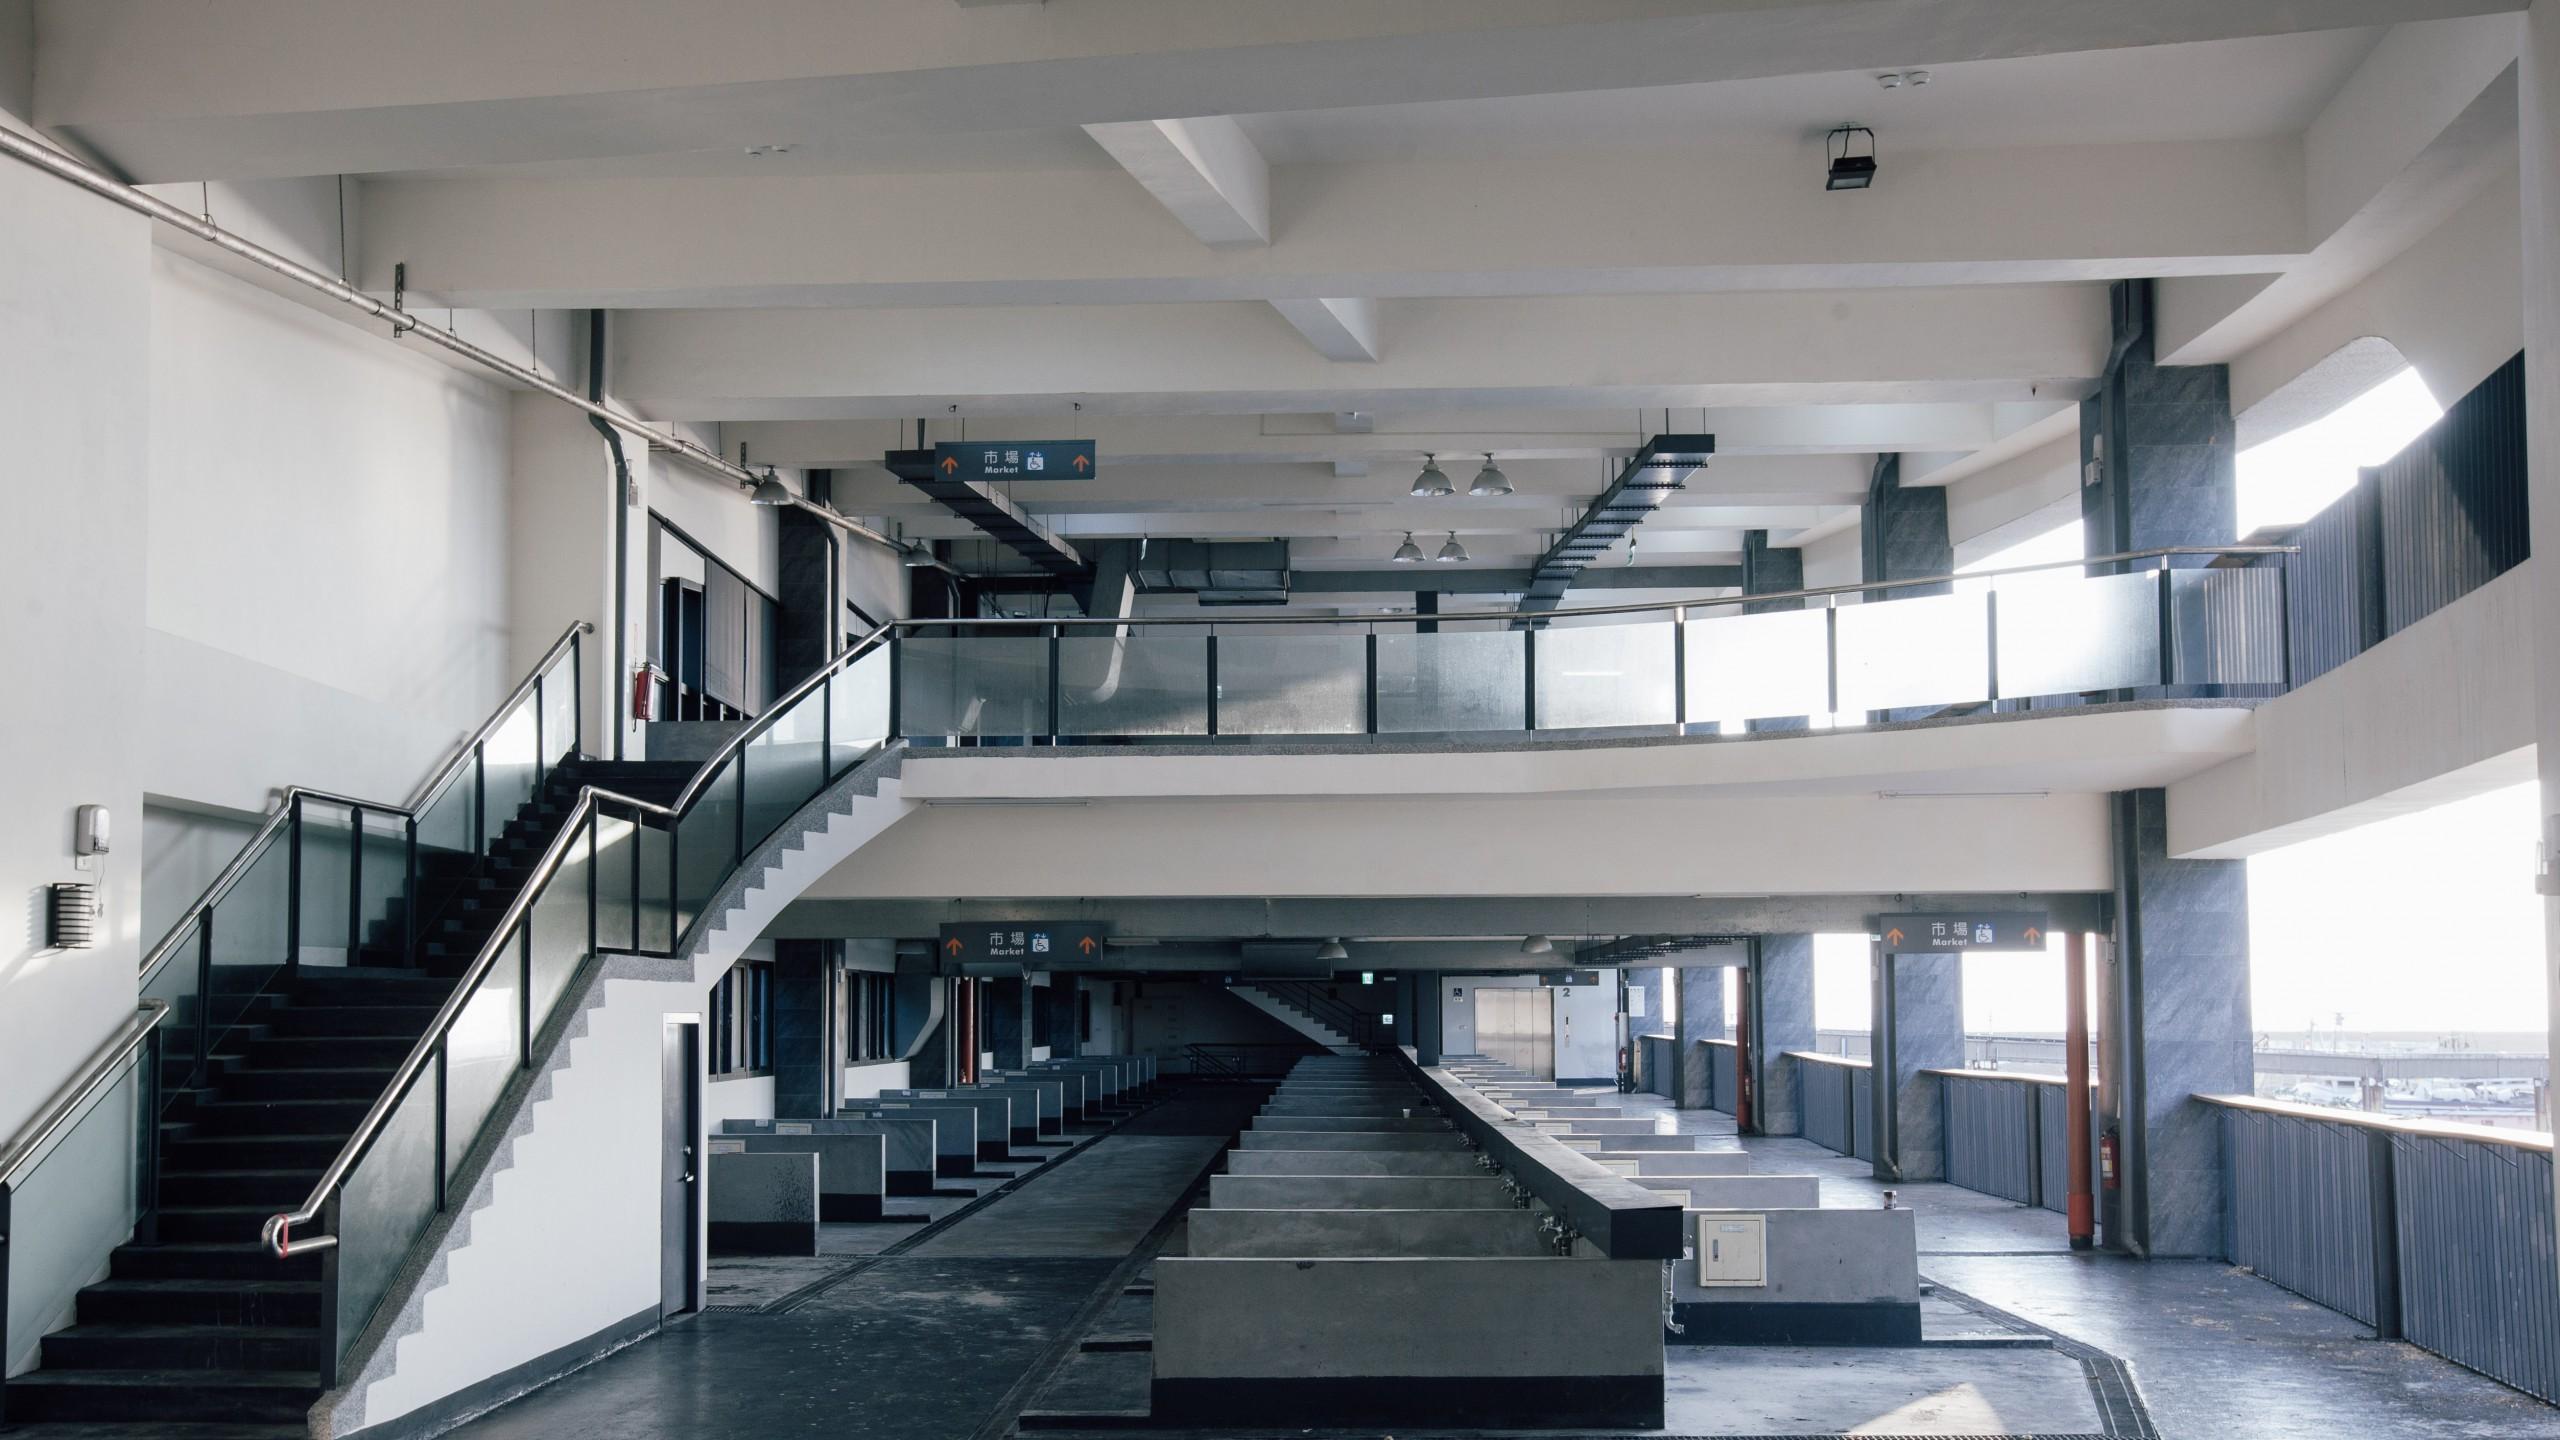 德築-DEZU-project-大溪漁港-architecture-building-6